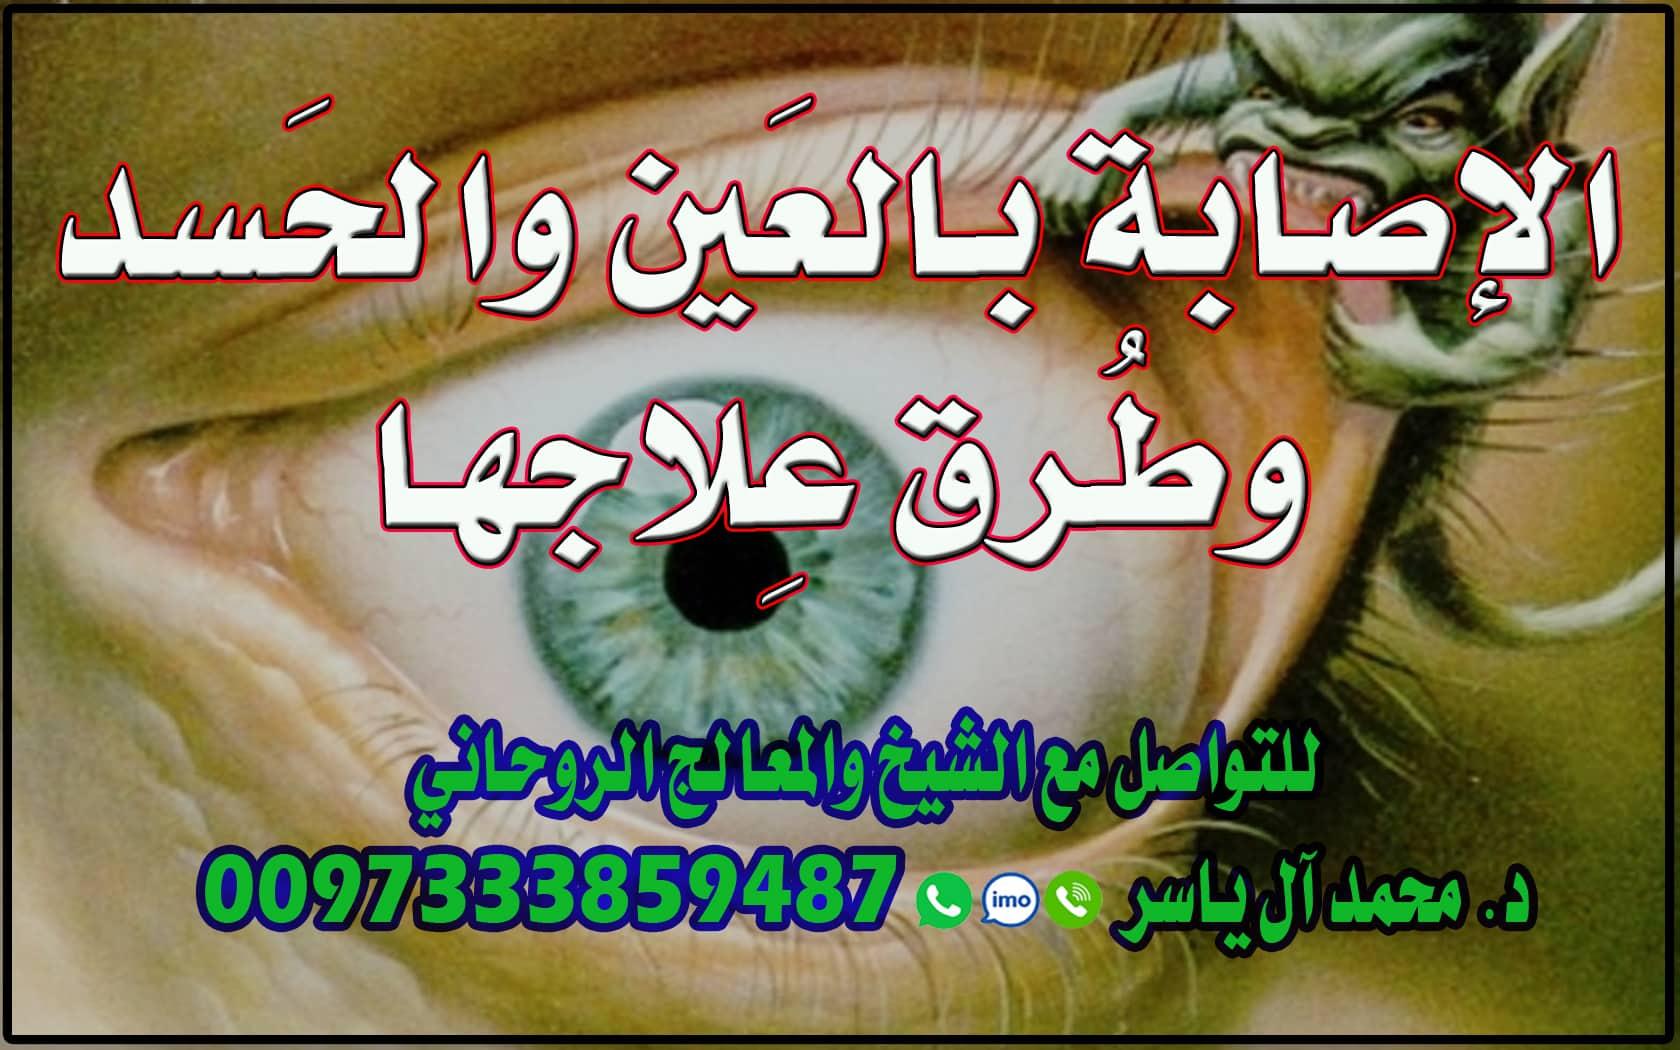 الاصابة بالعين والحسد وطرق علاجها الشيخ الروحاني محمد آل ياسر 0097333859487